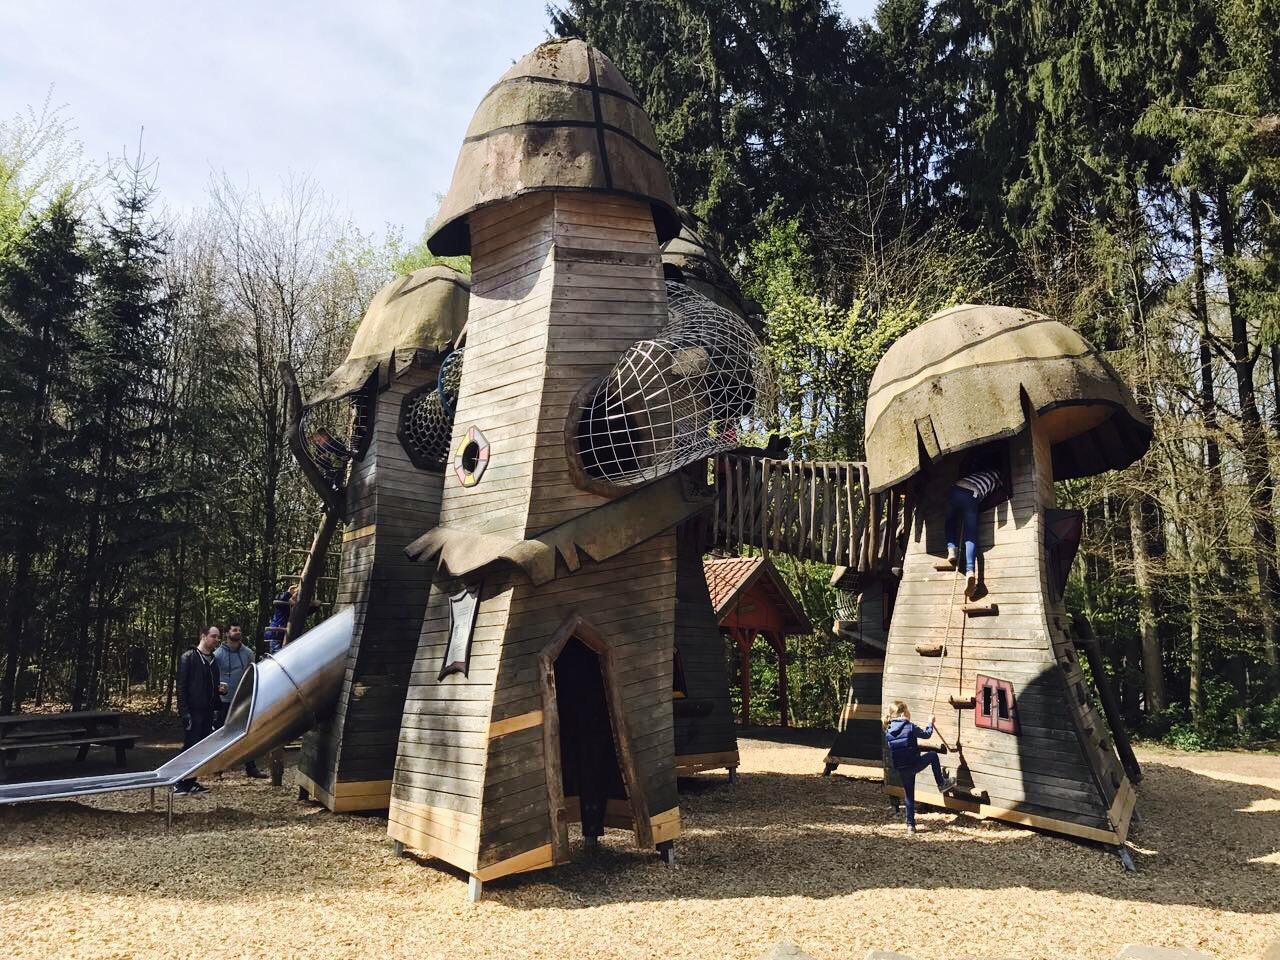 Ausflugstipps NRW, Kletterburg Im Wildpark Frankenhof, Reken